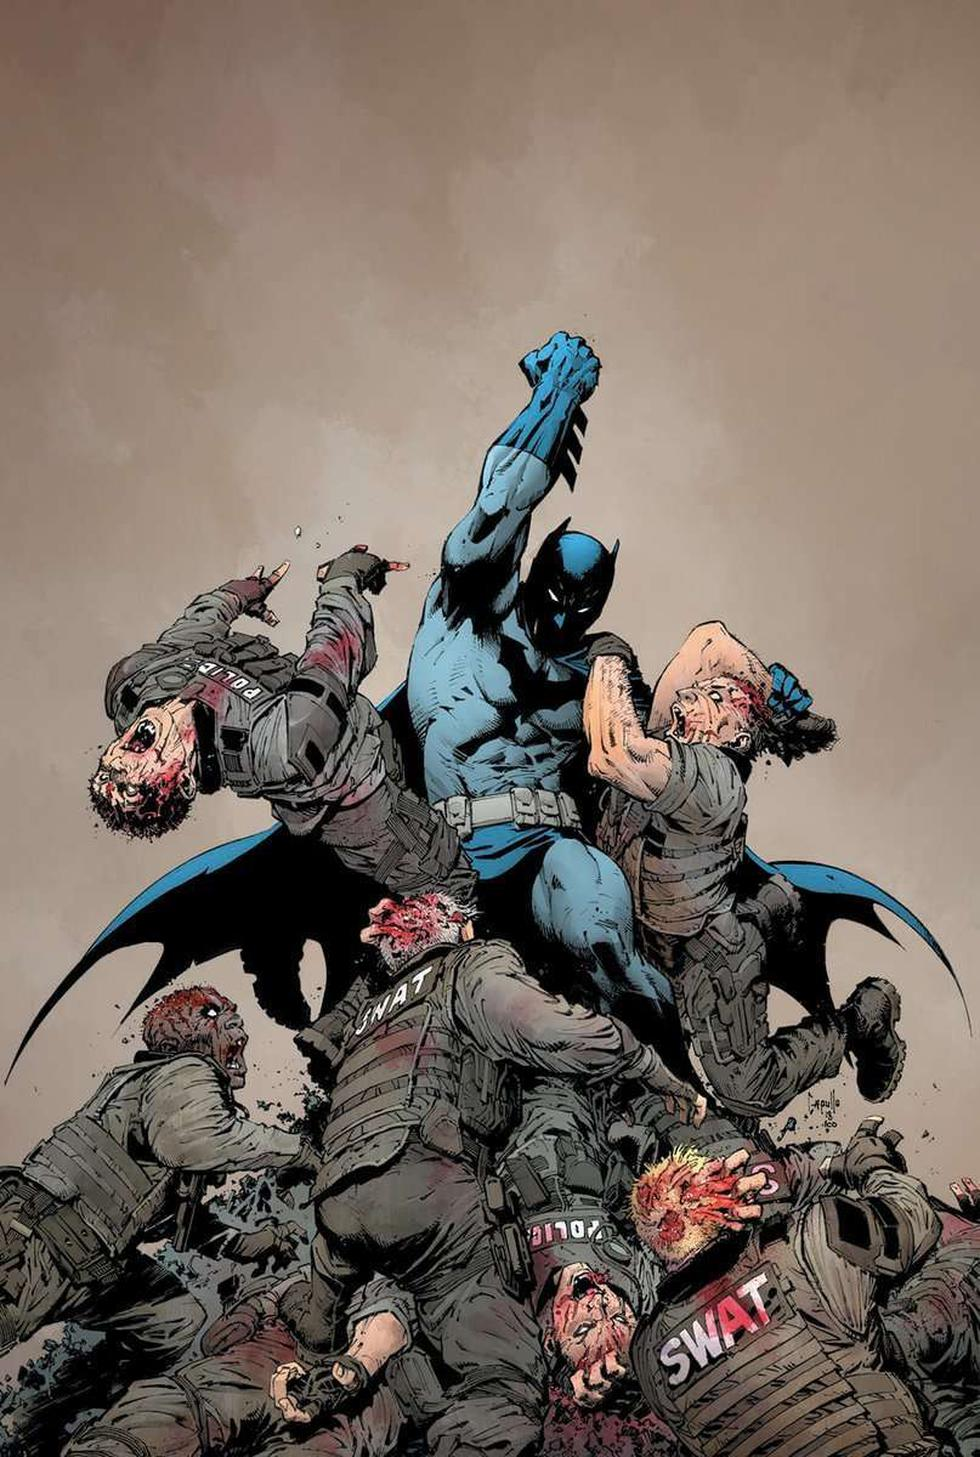 'Batman' se enfrentará a un apocalipsis zombie en nueva saga de cómics: 'DCeased'. (DC Comics)